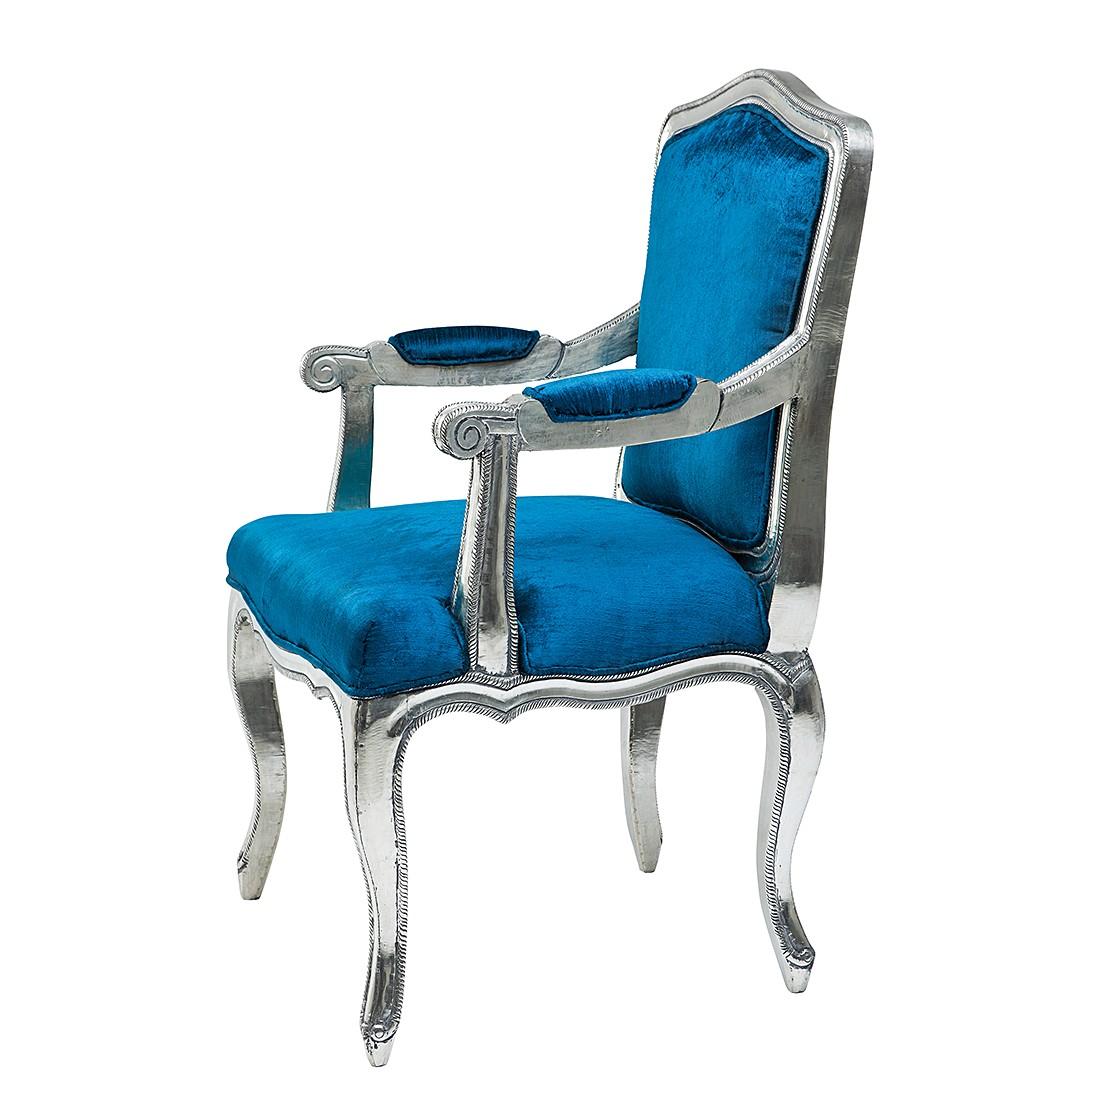 Armlehnenstuhl Regency – Samt/Mango massiv – Blau, Kare Design jetzt bestellen